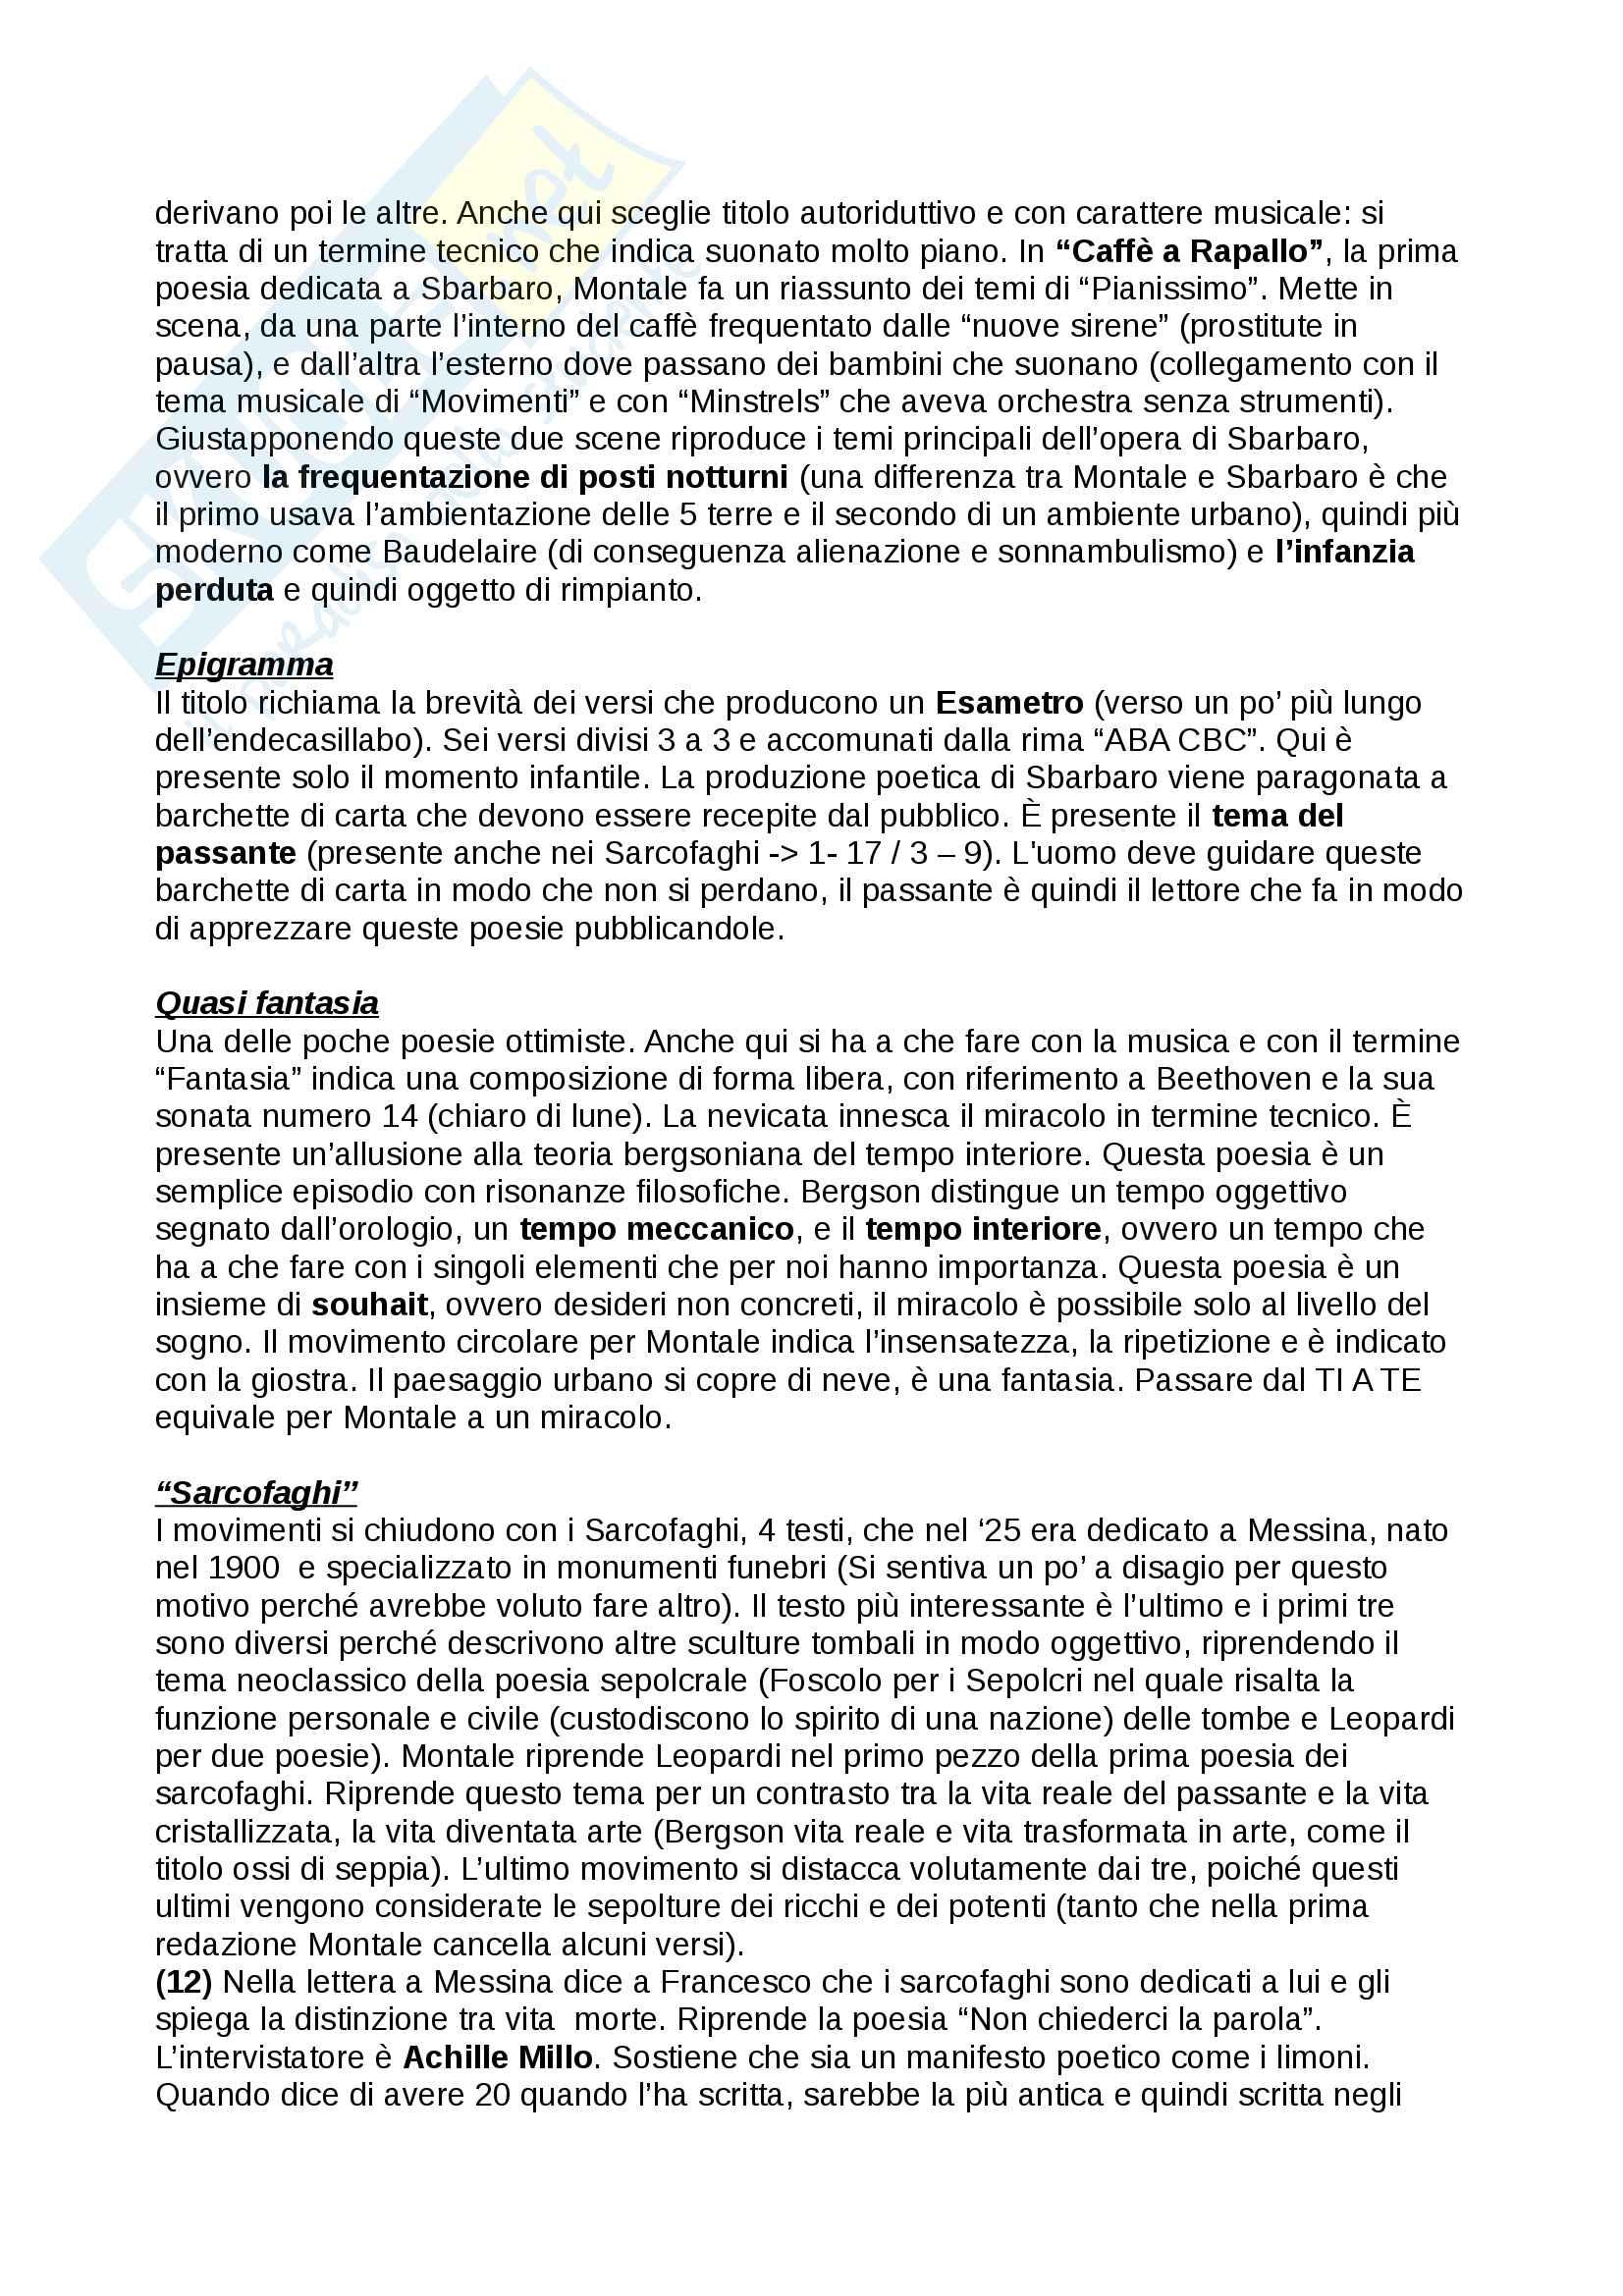 Ossi di seppia di Eugenio Montale Pag. 11